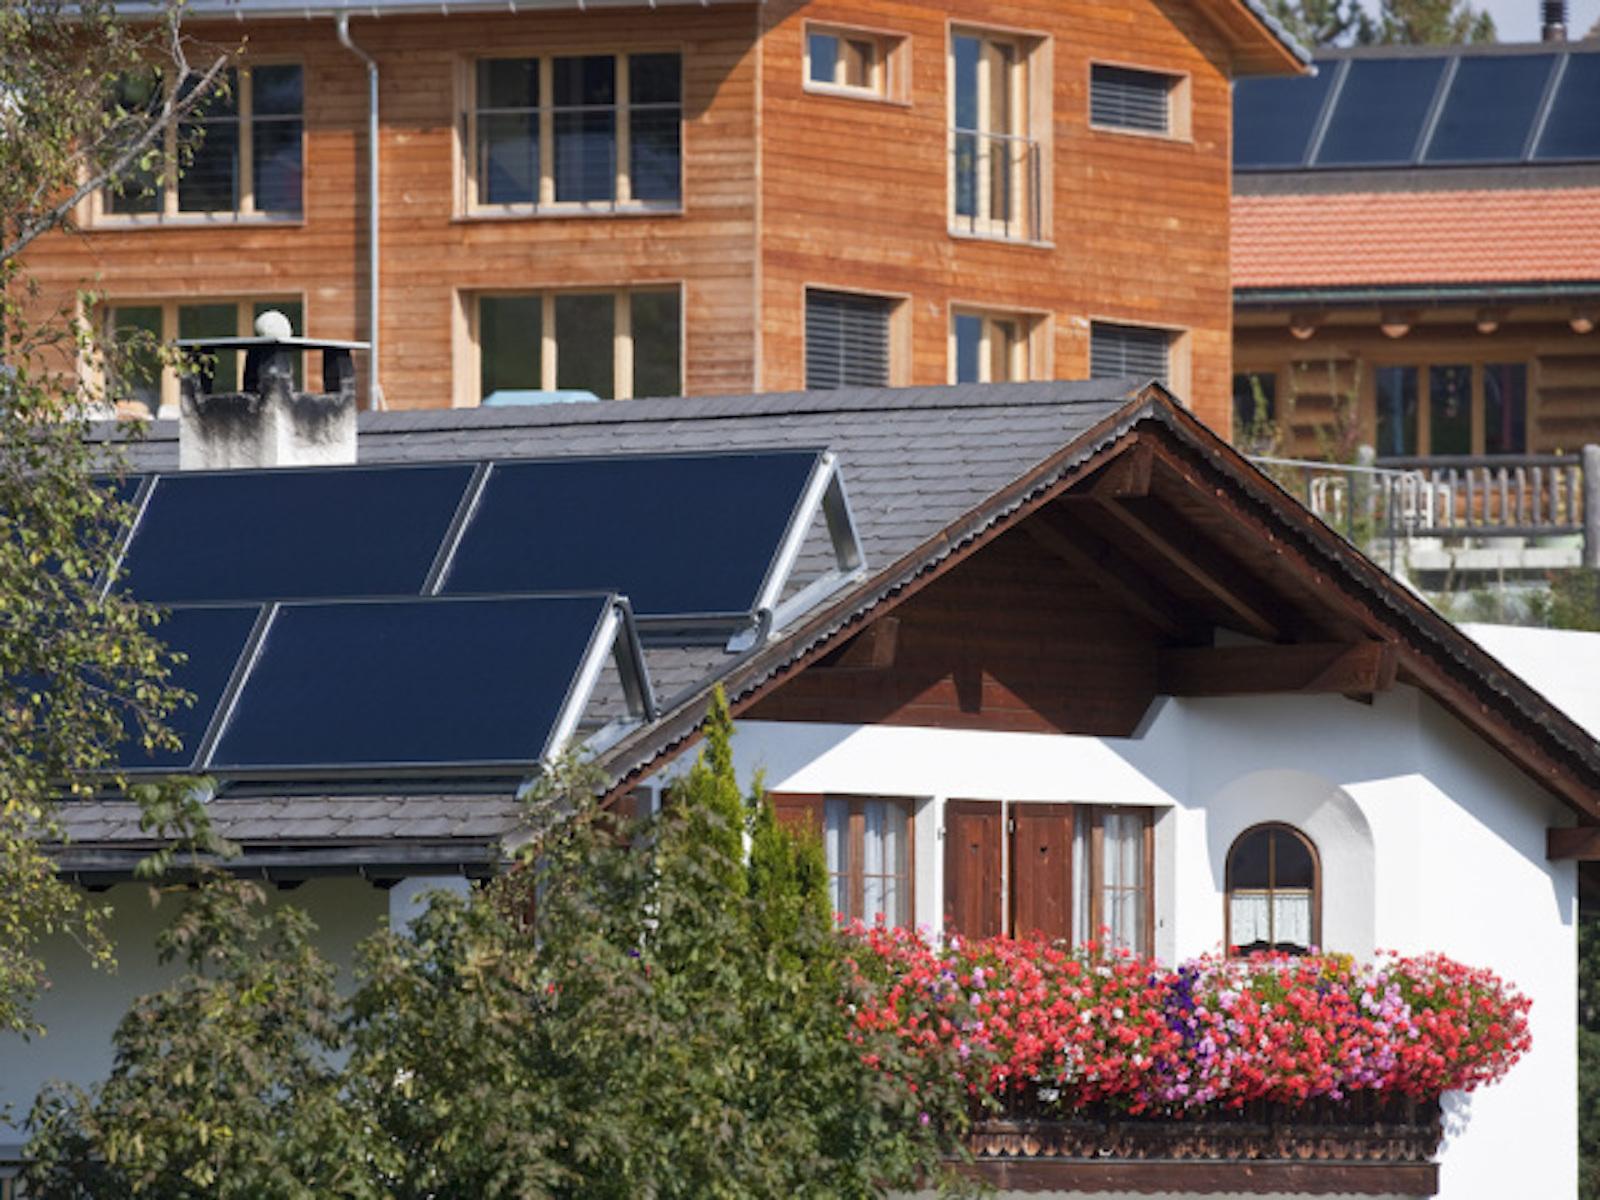 Maison intelligente = économies d'électricité: panneaux solaires sur la toiture d'une maison de Flerden GR. (Keystone/Gaetan Bally)